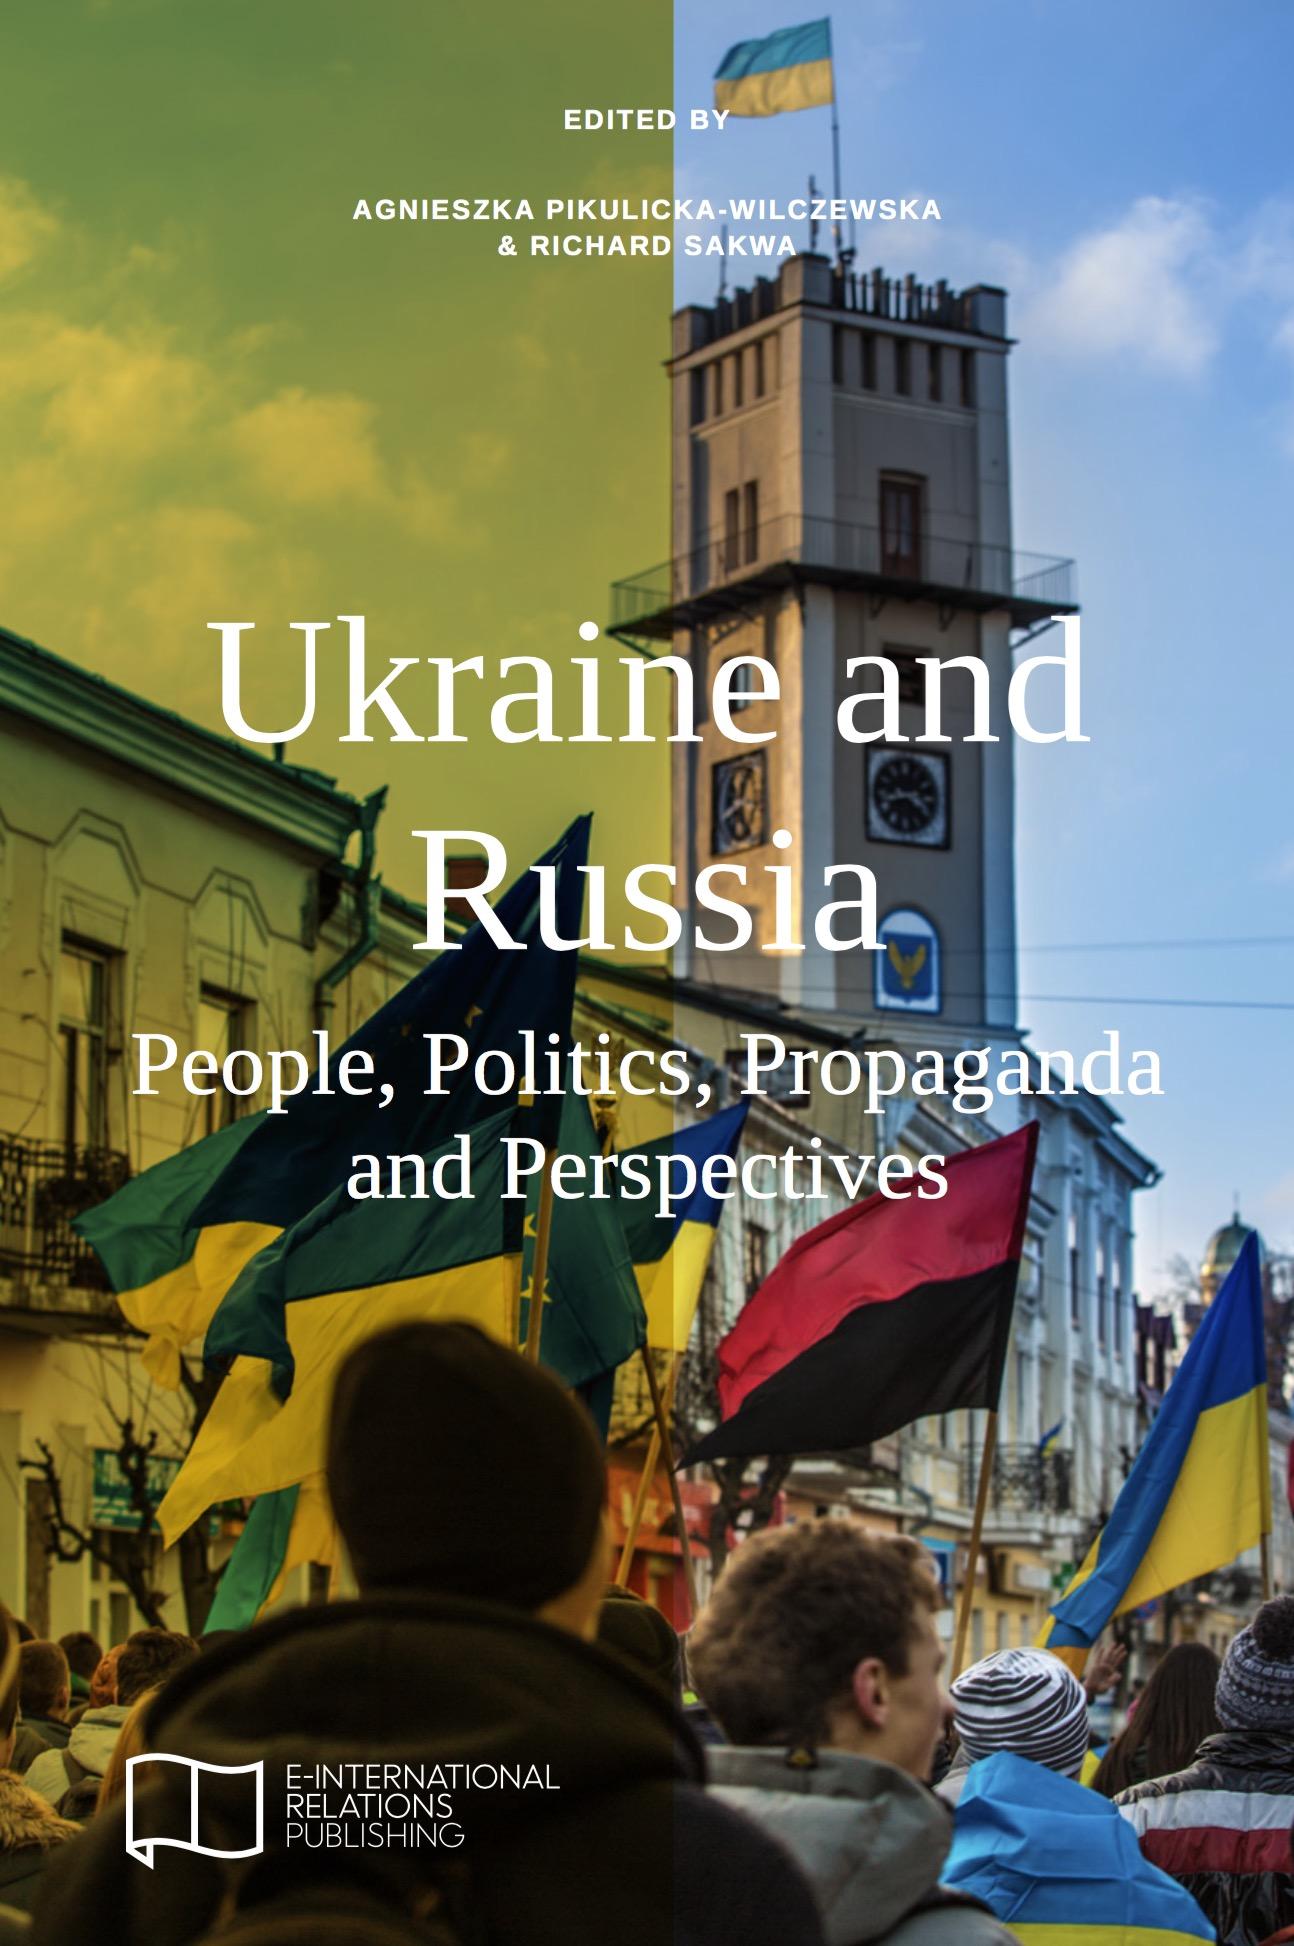 Ukraine and Russia 2016 cover